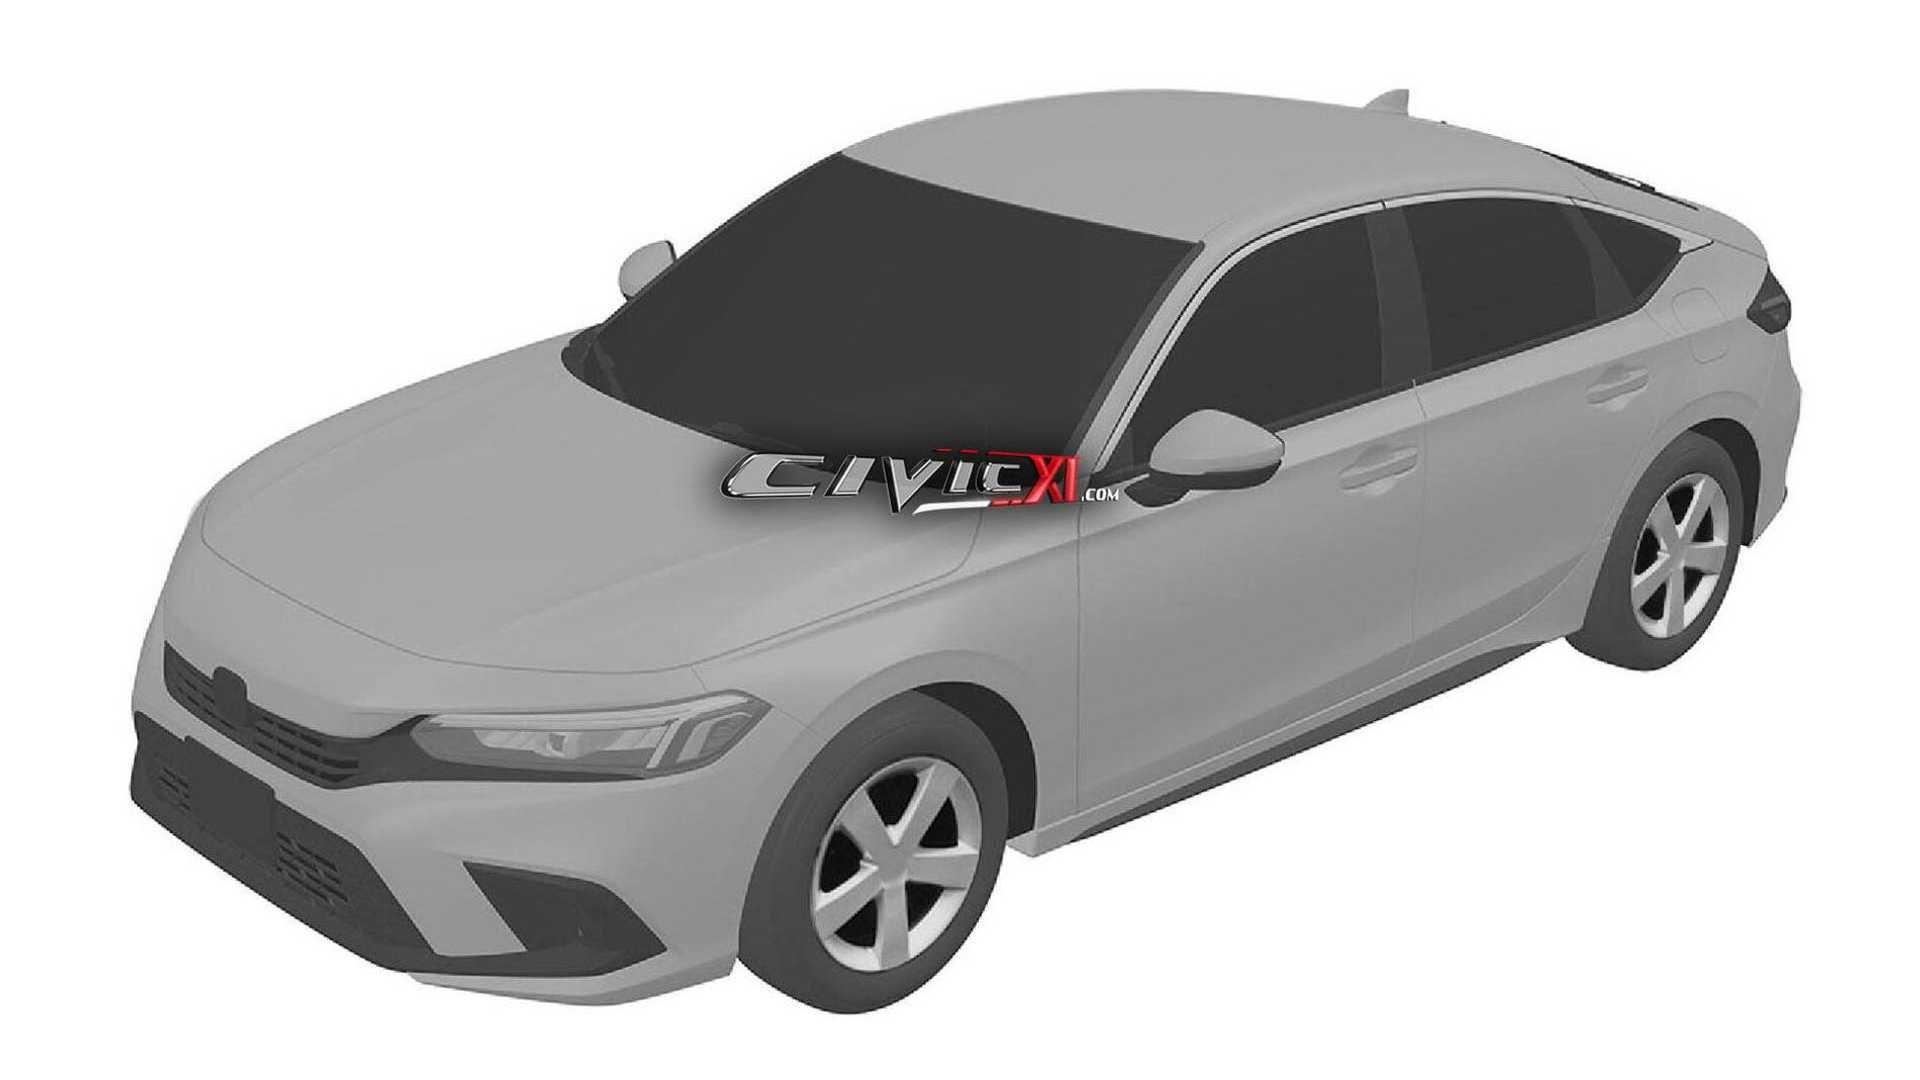 Next-Gen Honda Civic Hatchback Design Leaked In Trademark Filing